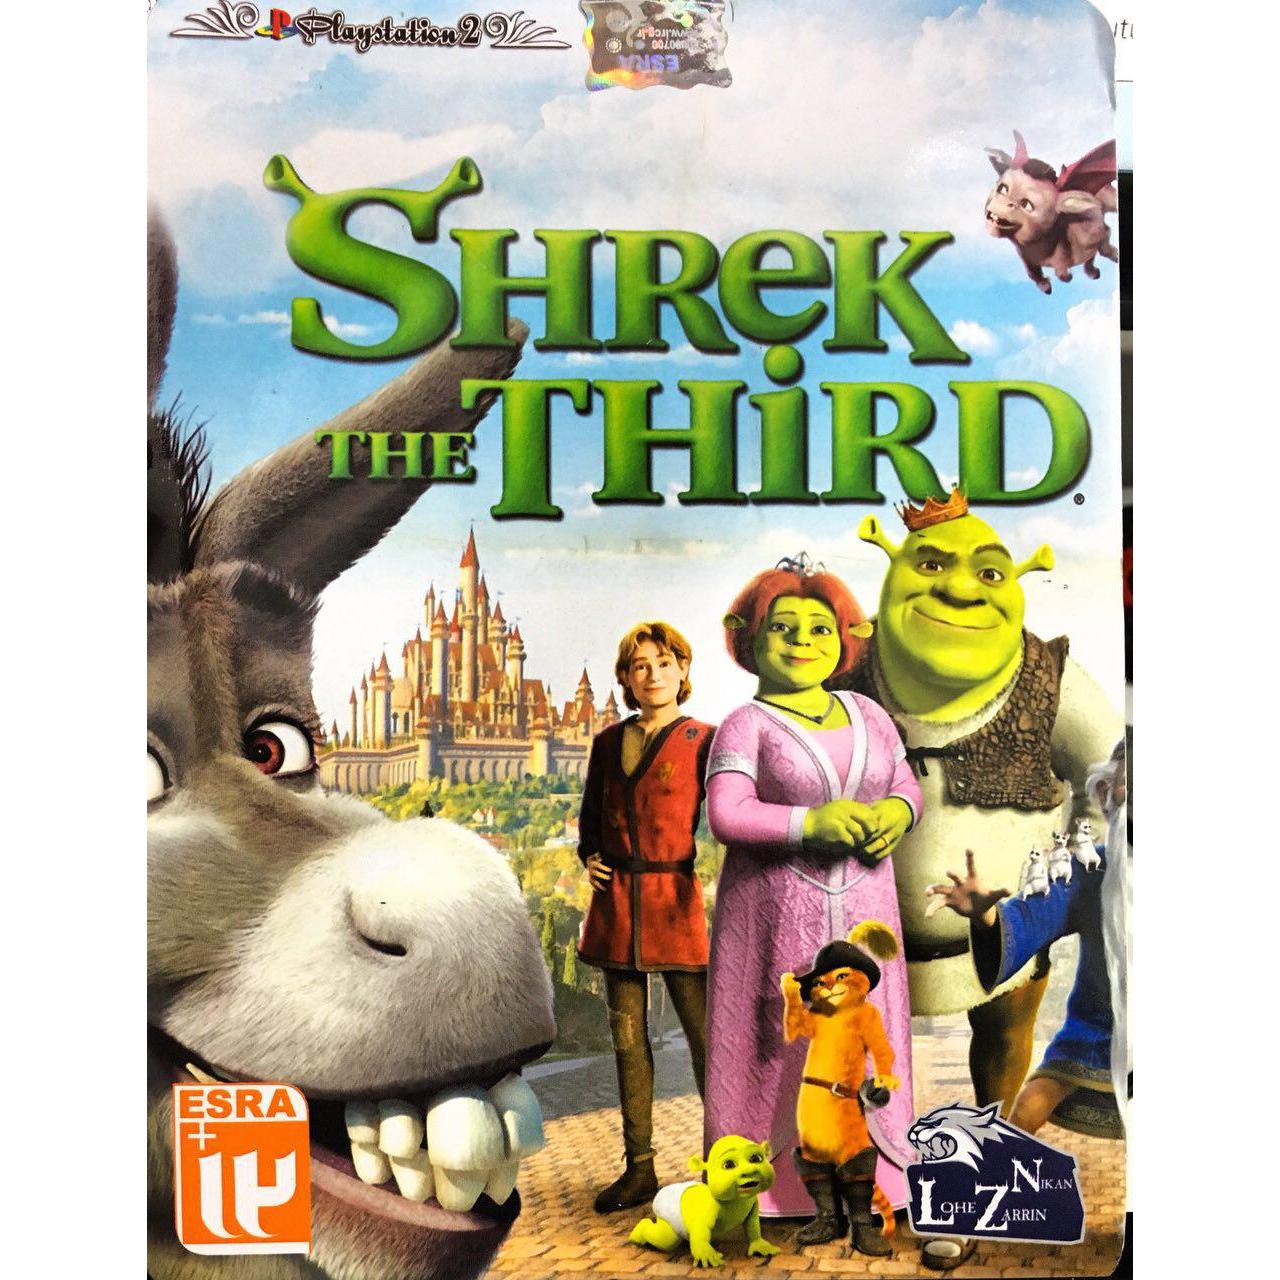 بررسی و {خرید با تخفیف}                                     بازی SHREK THE THIRD مخصوص پلی استیشن 2                             اصل